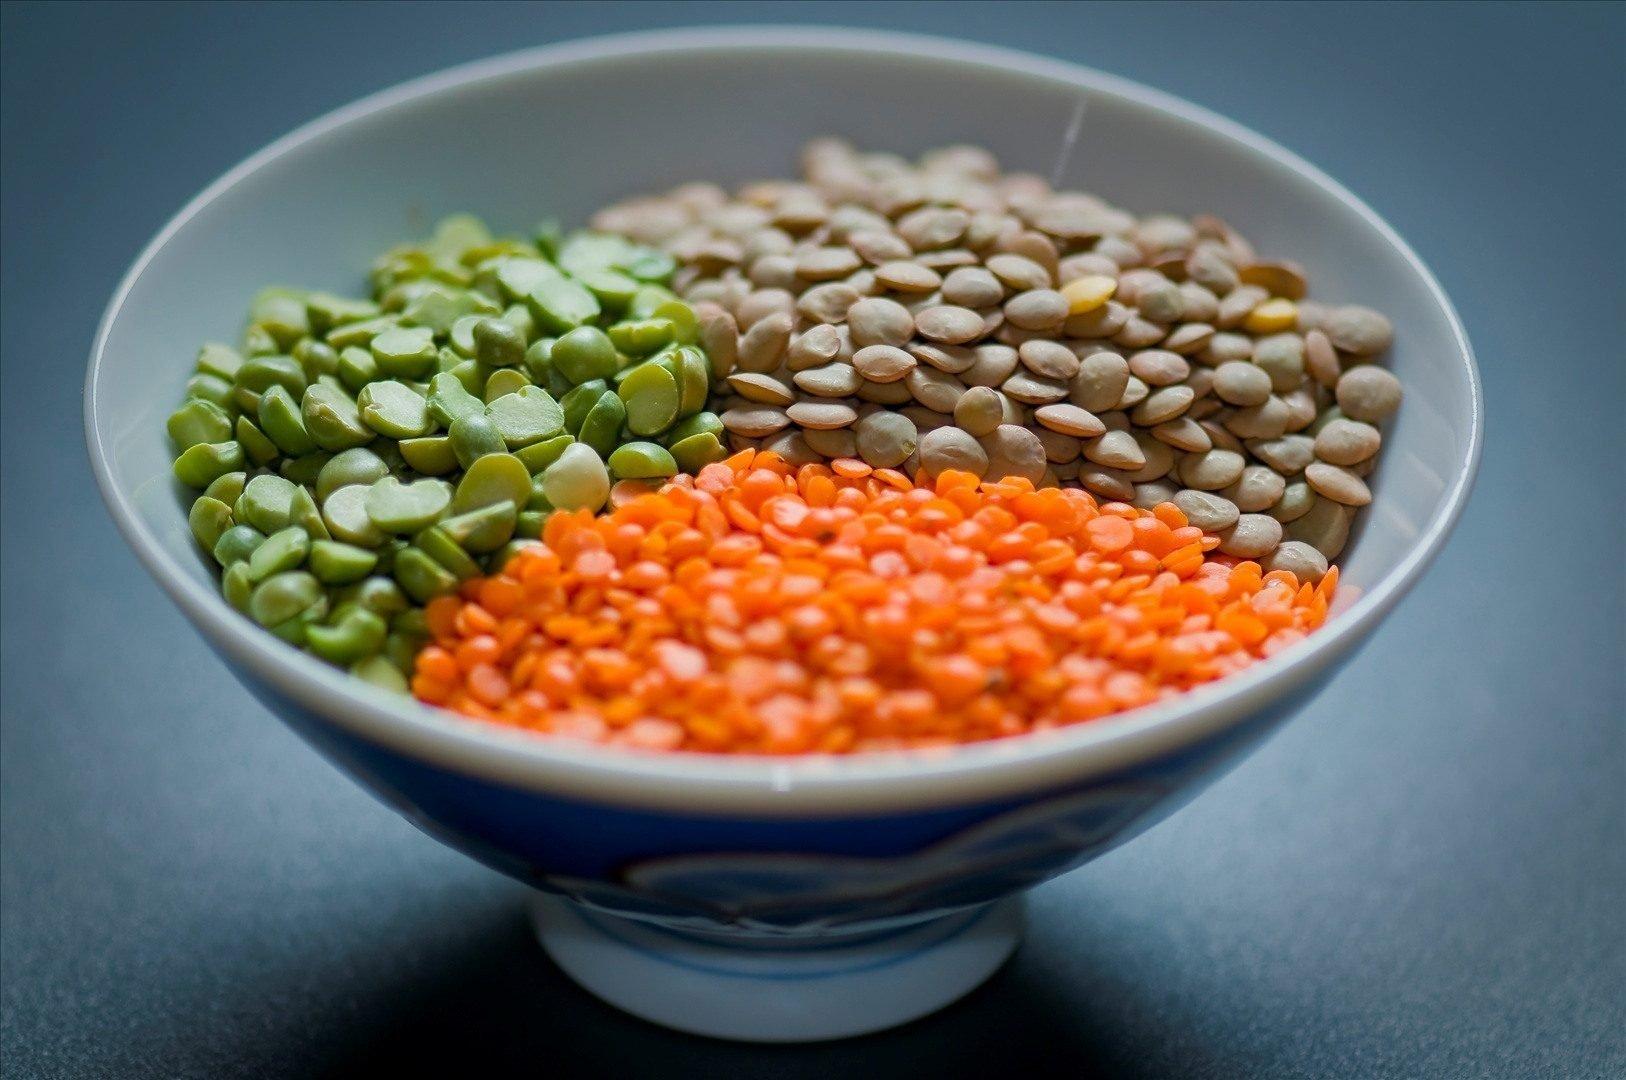 недорогие продукты для похудения